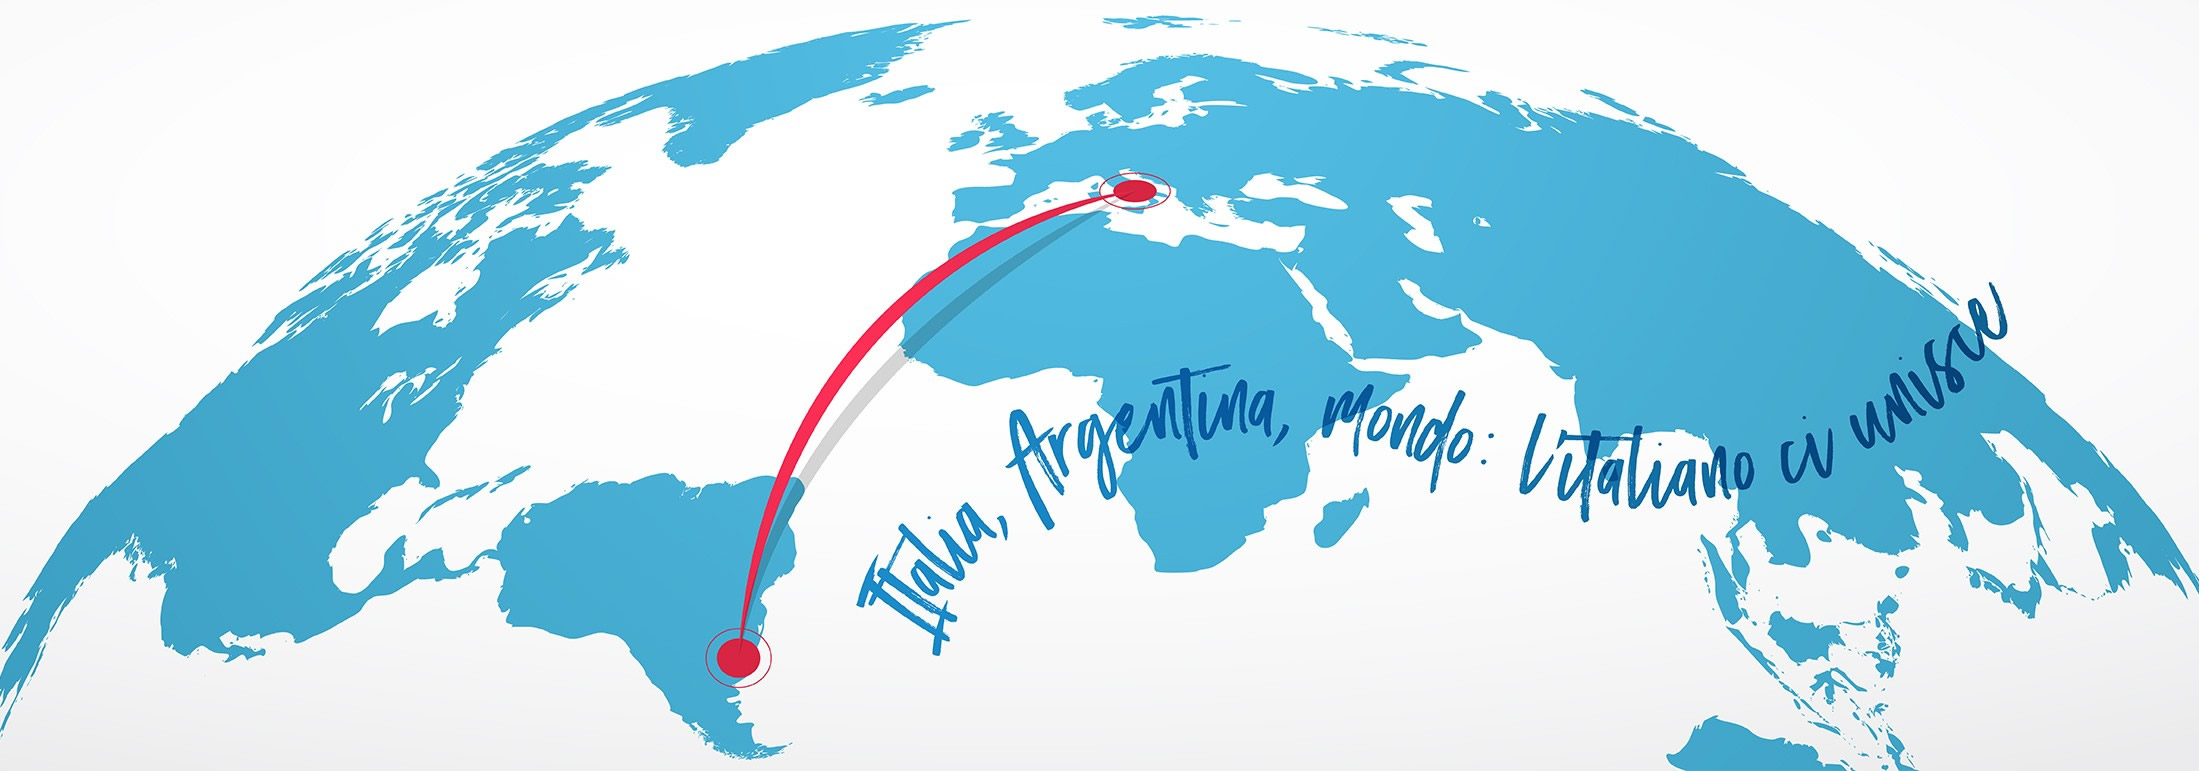 Congreso Dante Alighieri - Italia Y Argentina